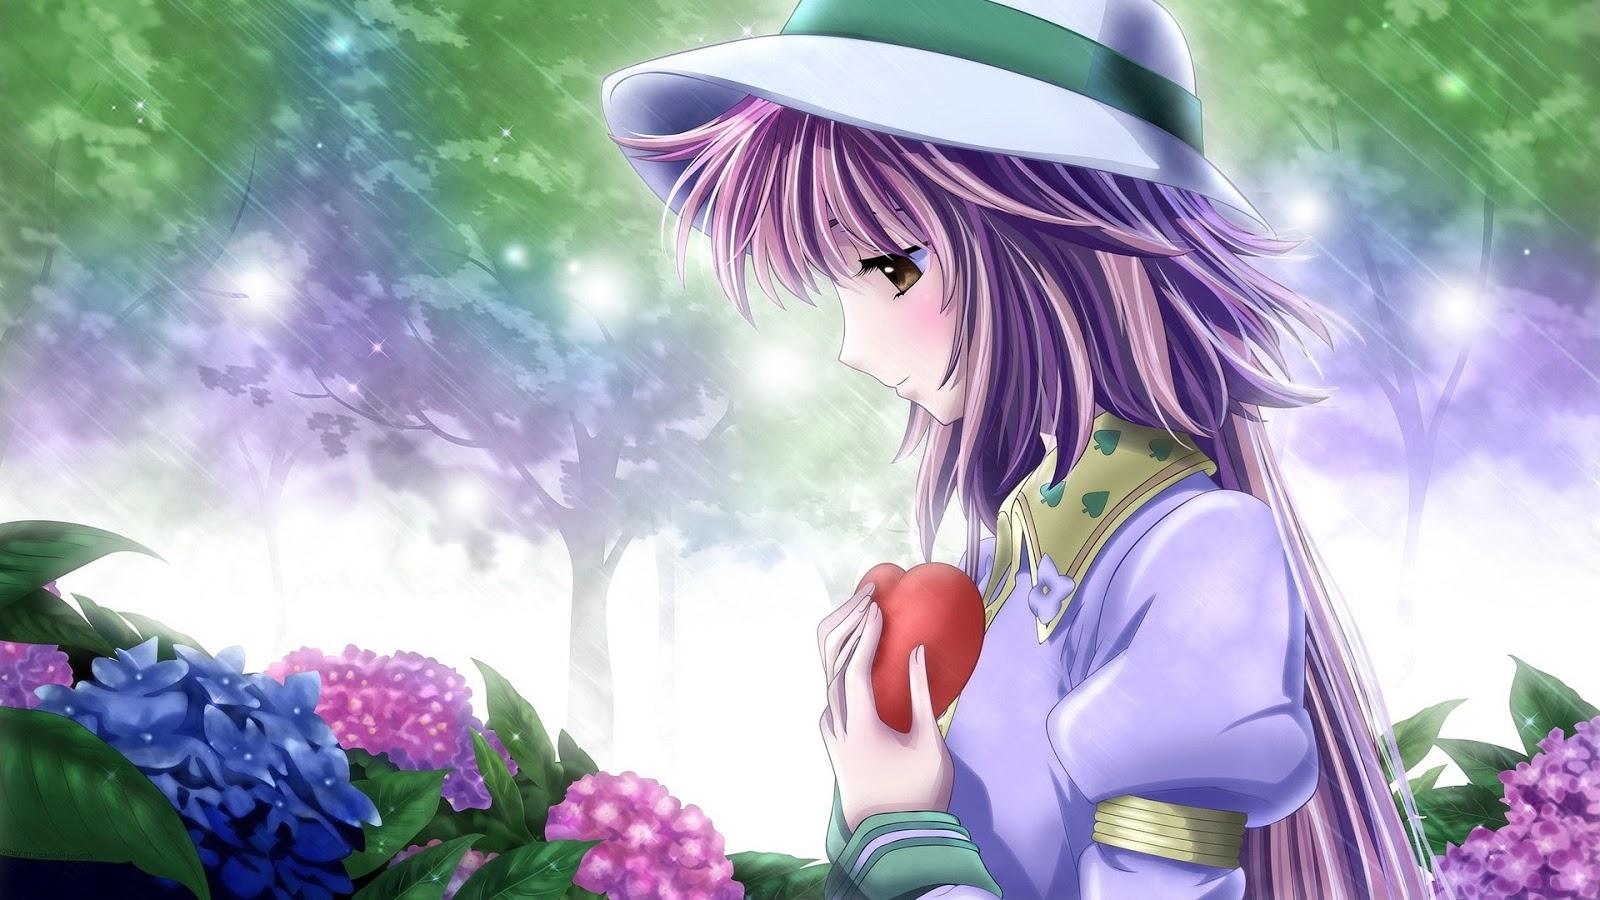 Anime Girl in Love ~ Mystery Wallpaper